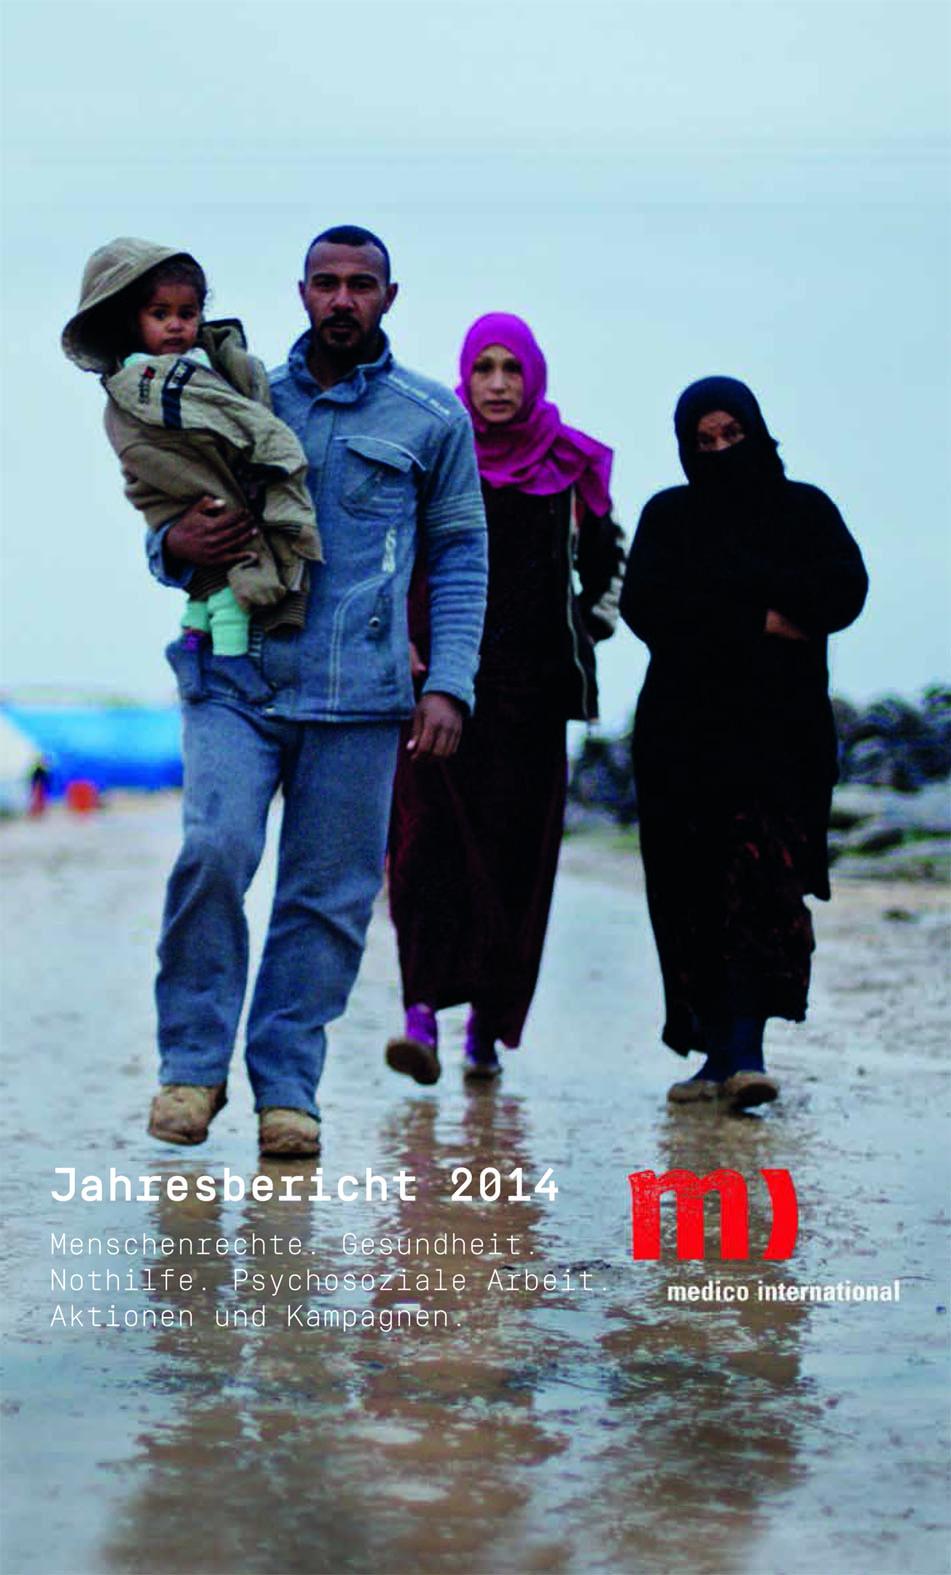 medico-Jahresbericht_2014-1